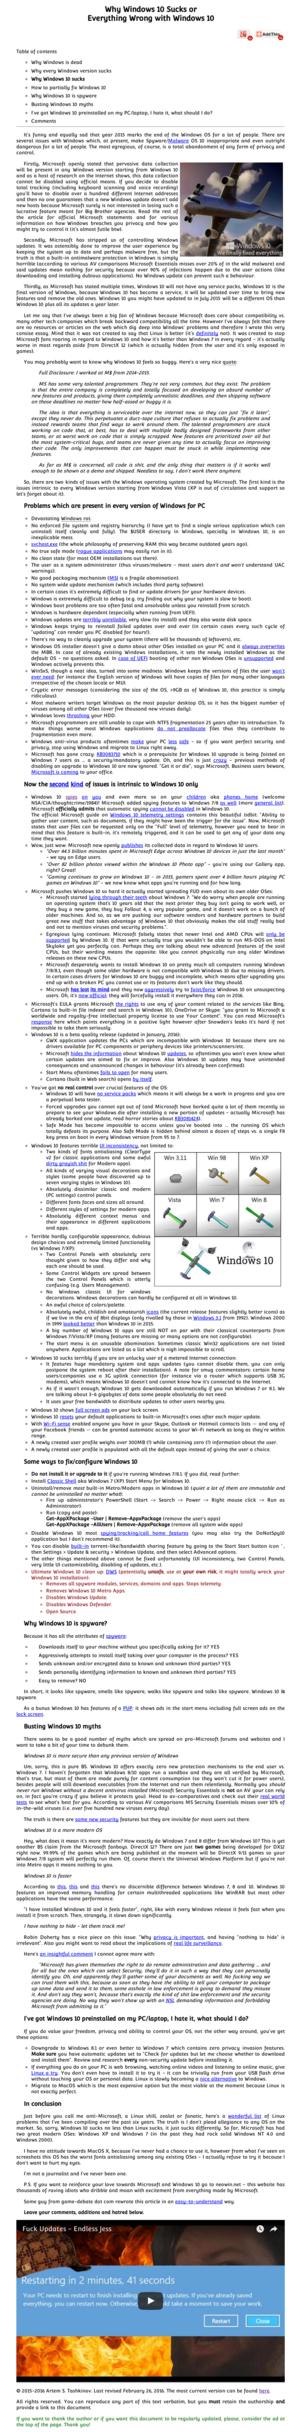 Windows 10 - InstallGentoo Wiki